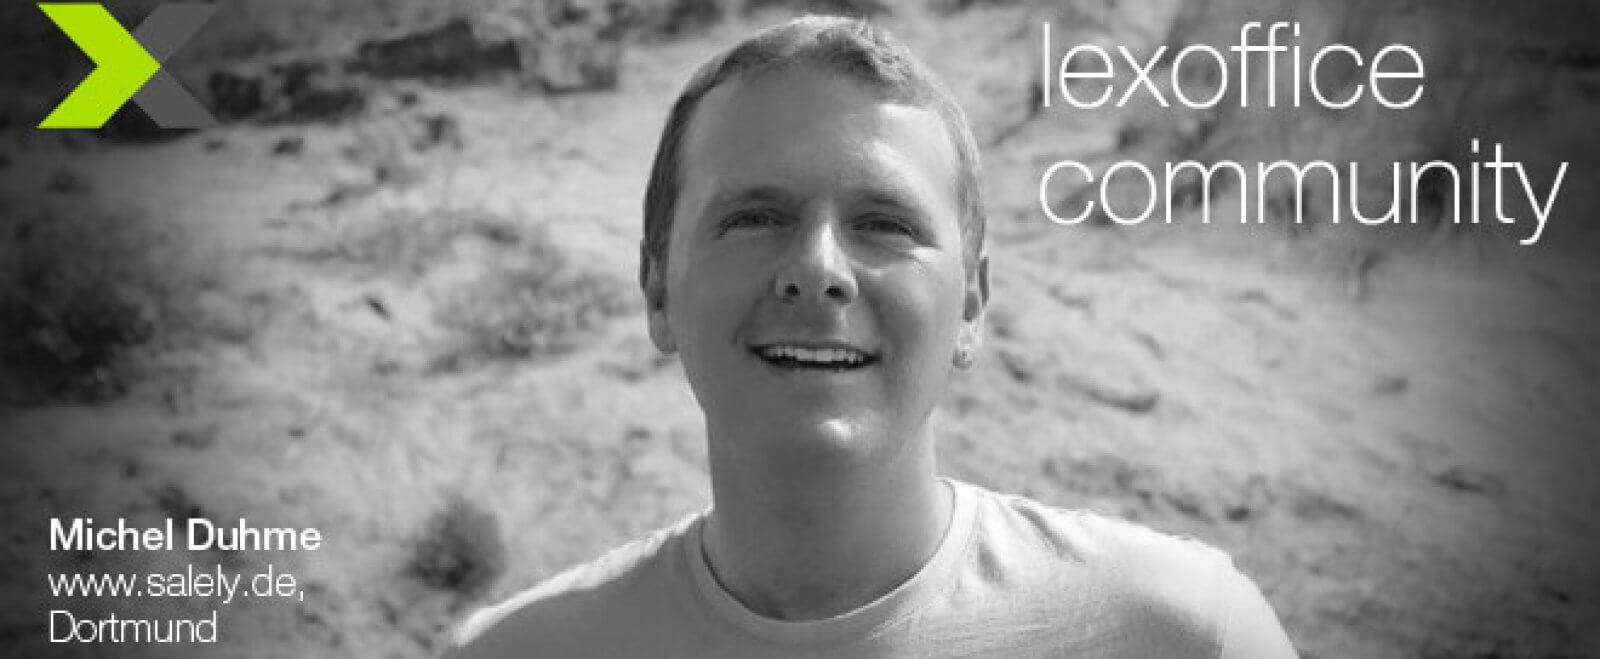 lexoffice-Anwender im Interview - Michel Duhme